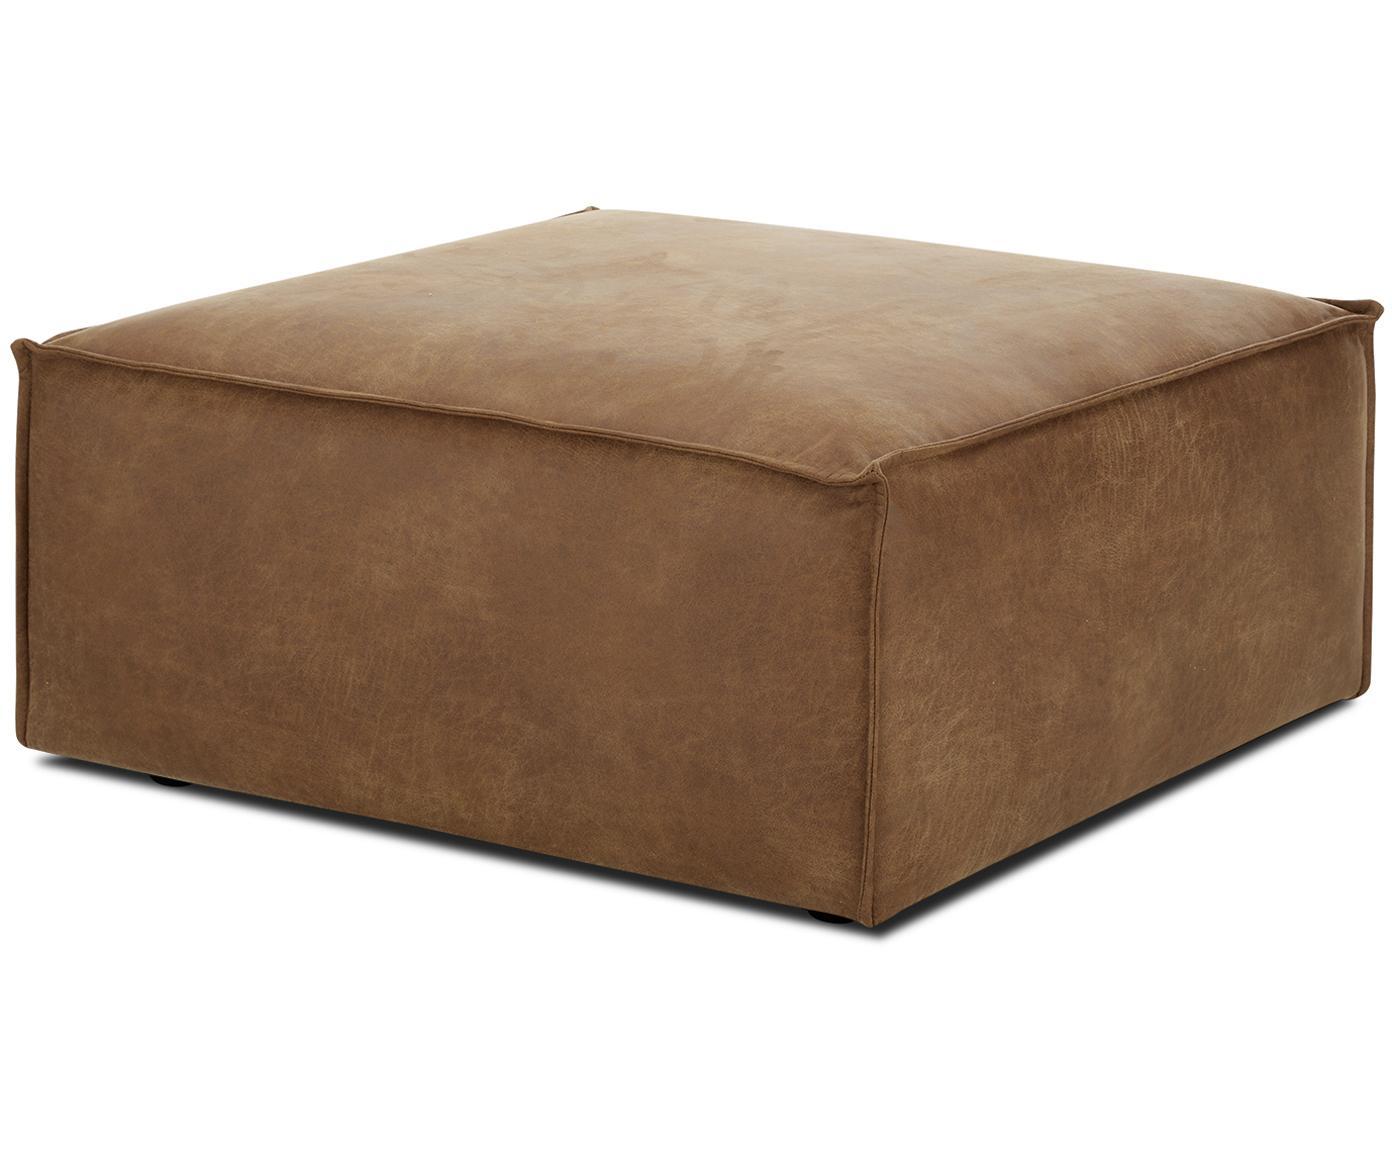 Poggiapiedi da divano in pelle Lennon, Rivestimento: 70% pelle, 30% poliestere, Struttura: legno di pino massiccio, , Piedini: materiale sintetico, Pelle marrone, Larg. 88 x Alt. 43 cm